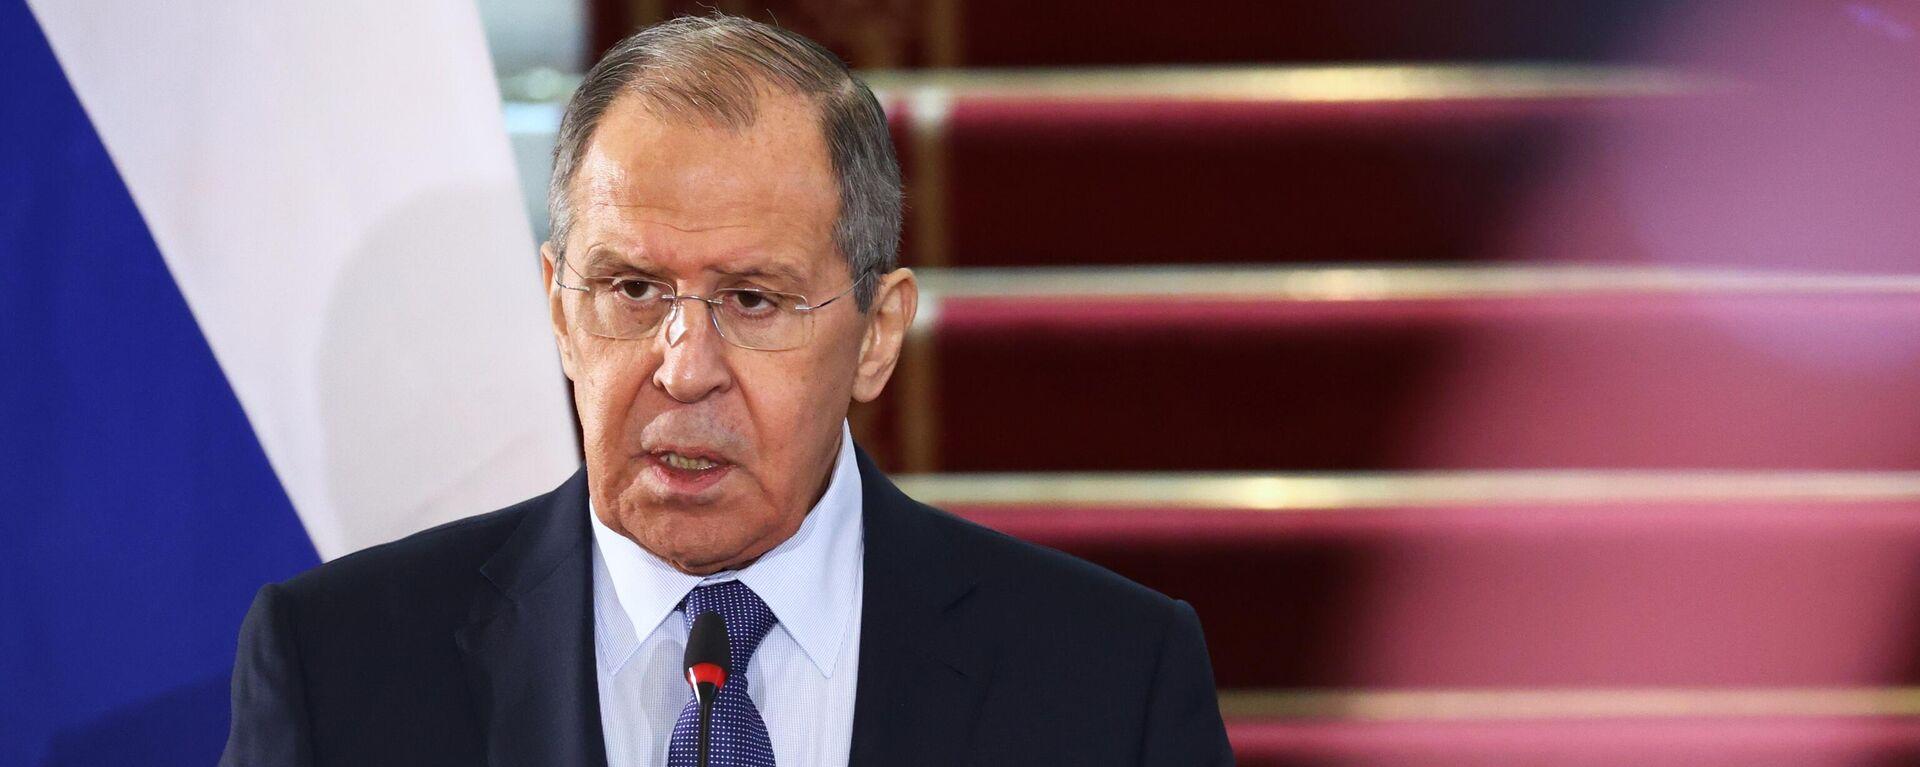 Serguéi Lavrov, ministro de Exteriores de Rusia - Sputnik Mundo, 1920, 28.04.2021